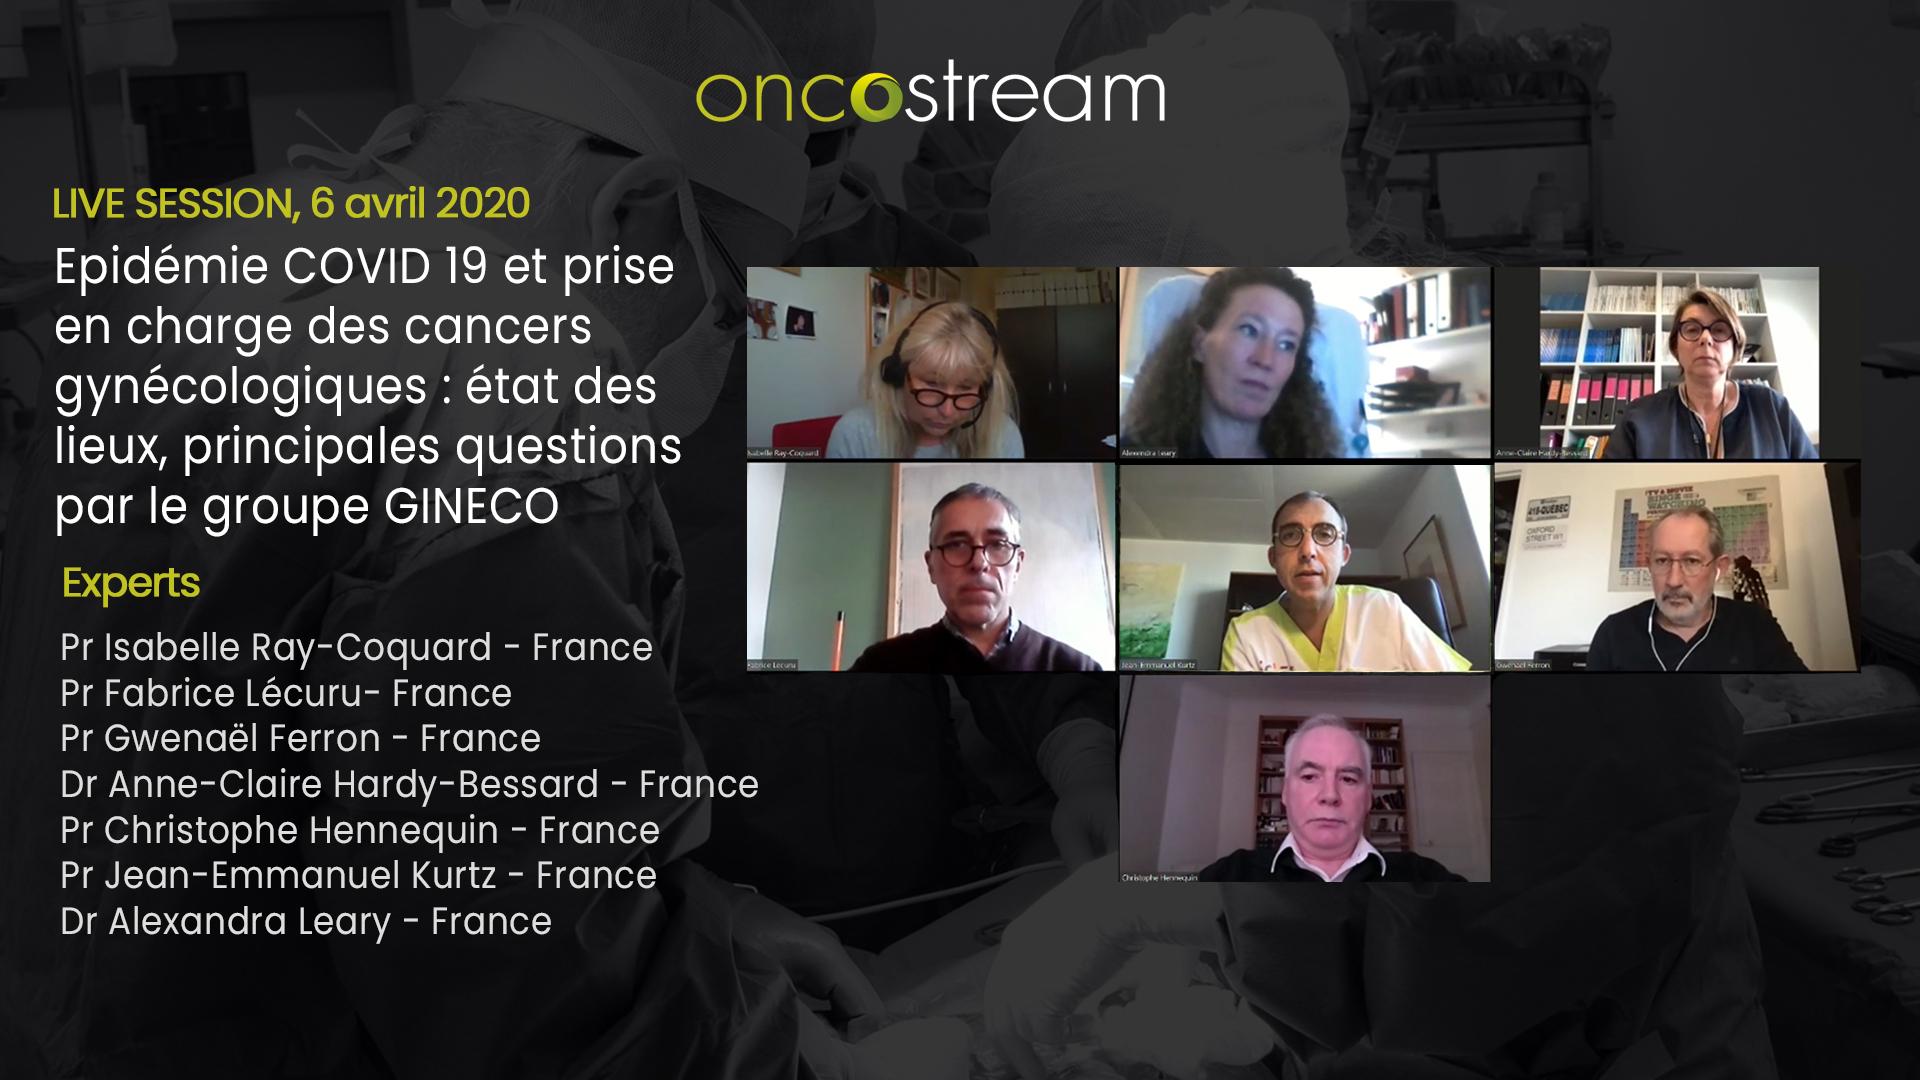 Epidémie COVID 19 et prise en charge des cancers gynécologiques : état des lieux, principales questions par le groupe GINECO